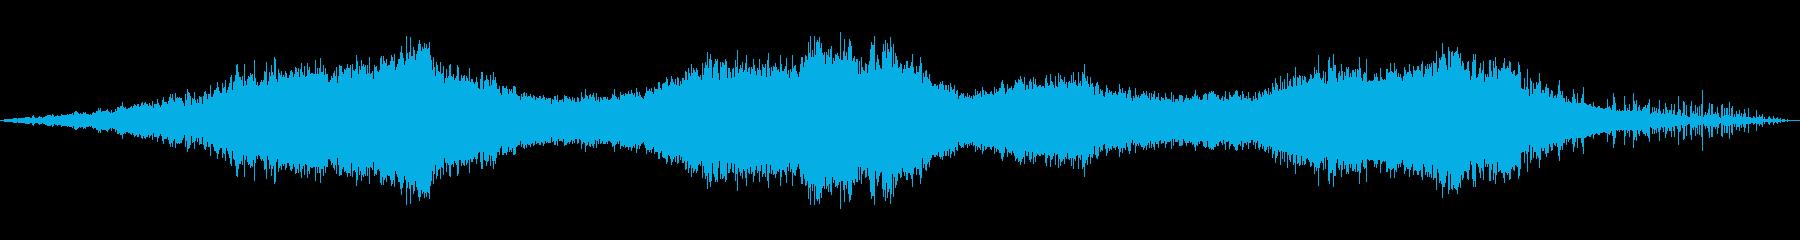 蓄音機から流れてるようなホラー楽曲の再生済みの波形